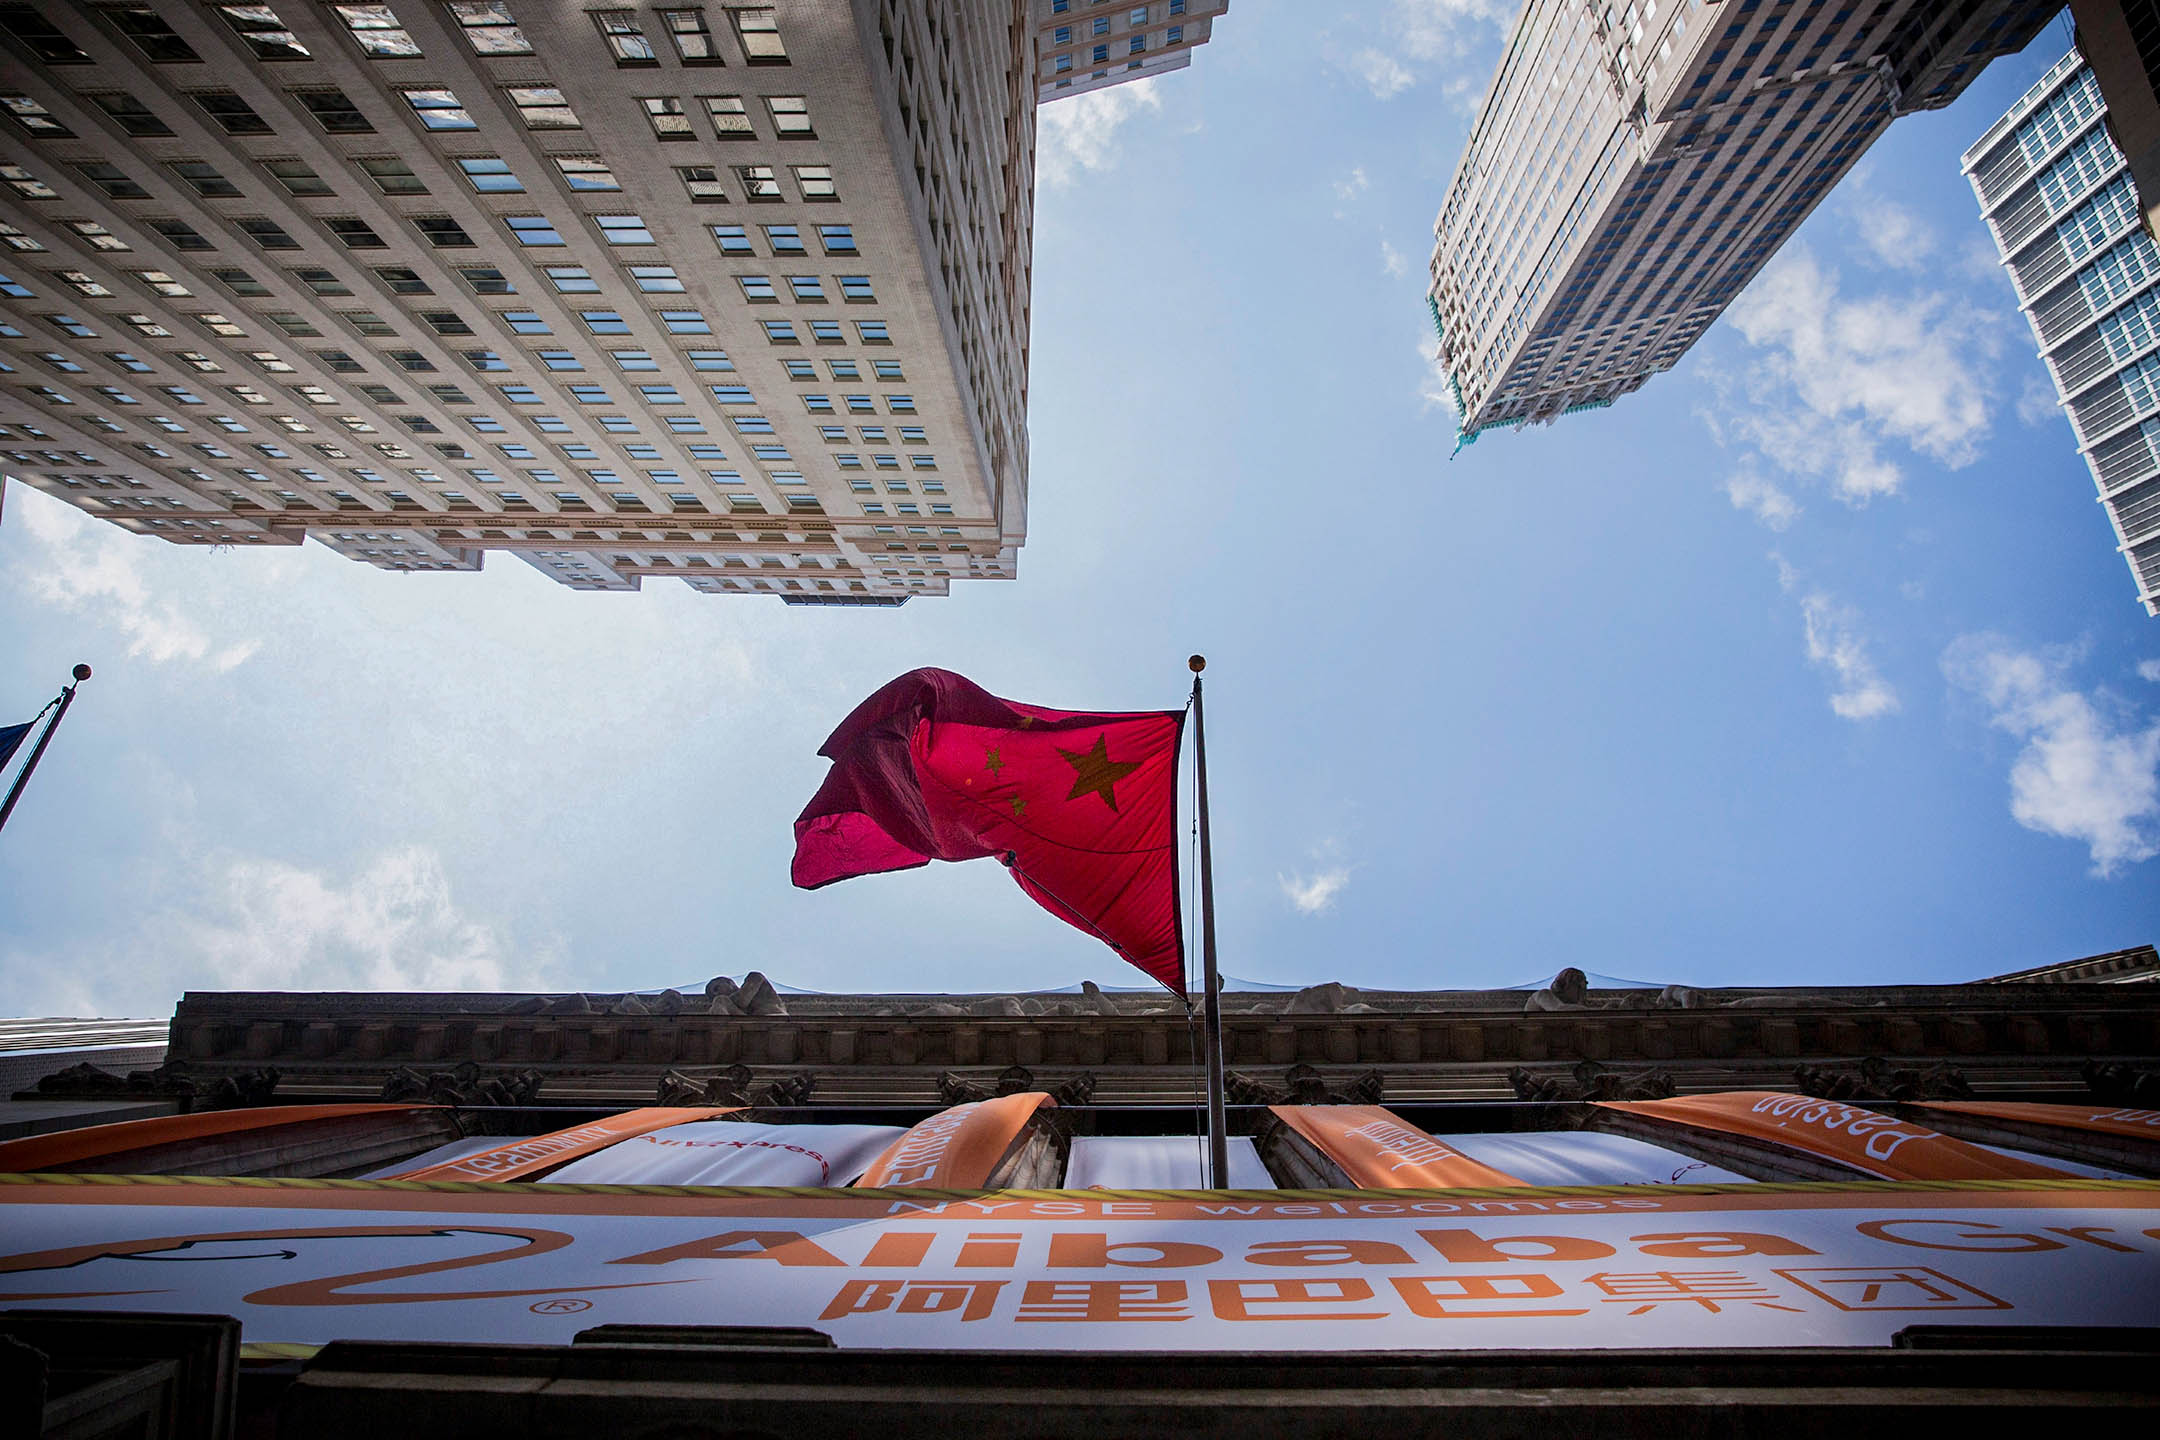 2014年9月19日紐約,中國國旗飄揚在紐約證券交易所外。 攝:Andrew Burton/Getty Images